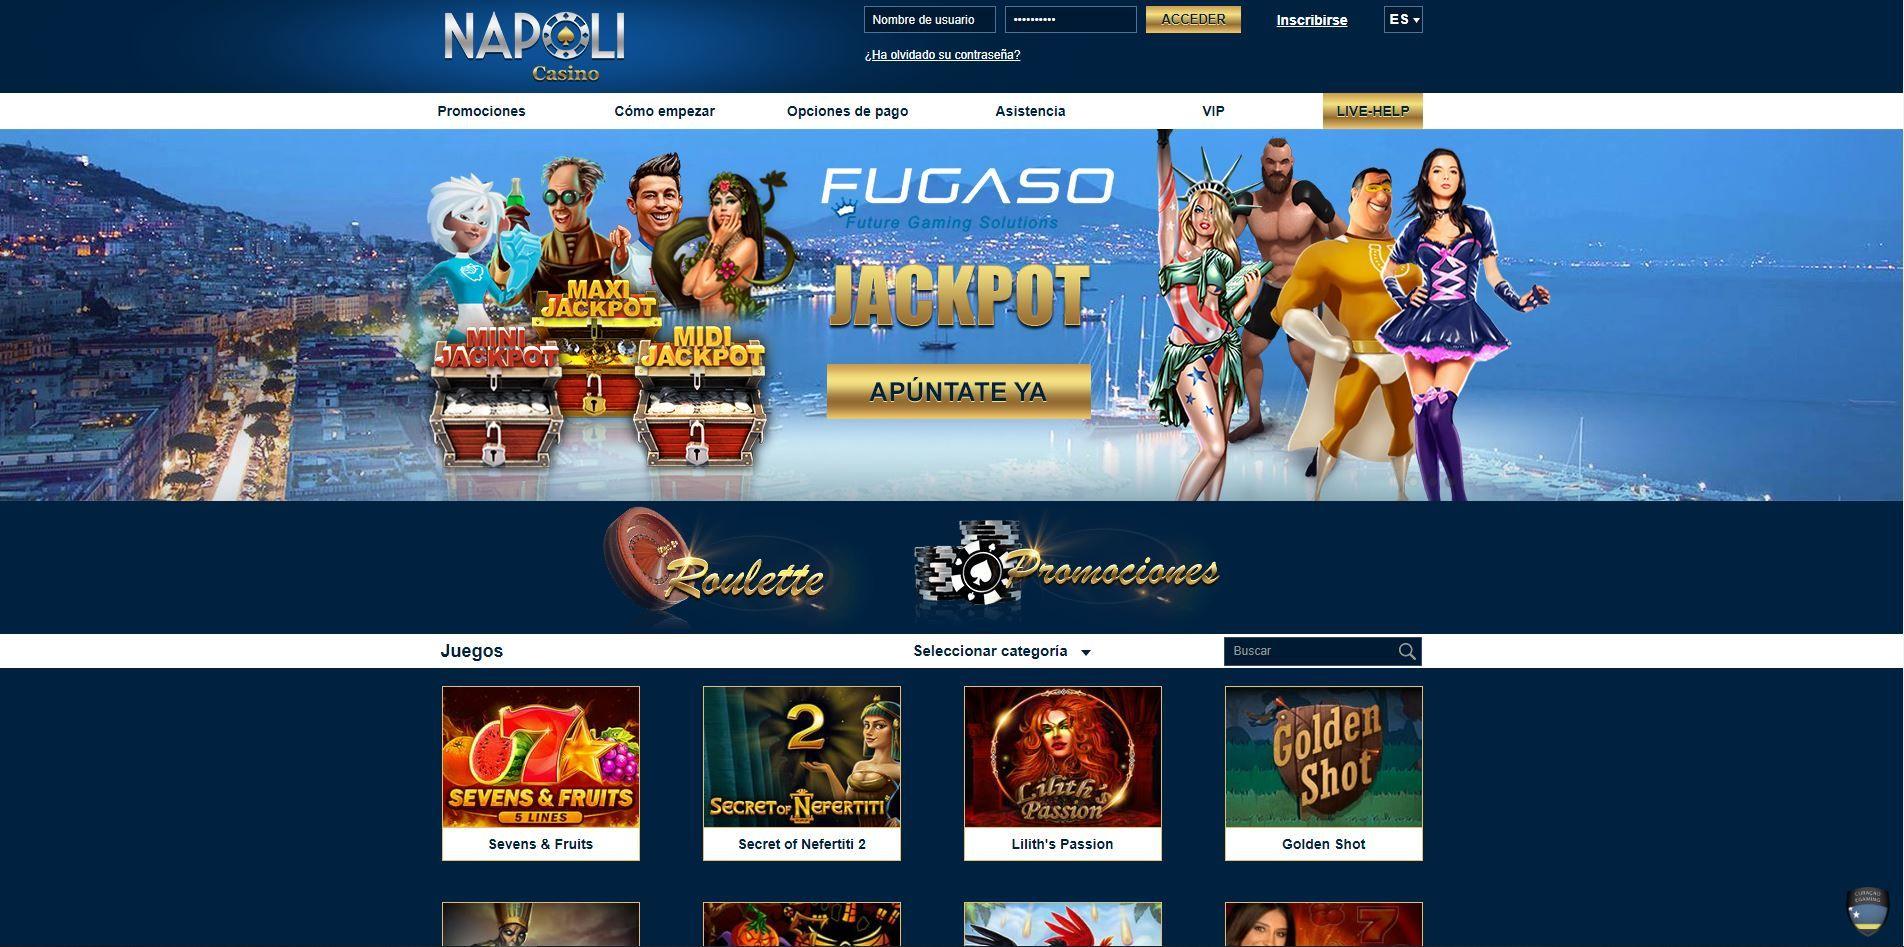 Napoli Casino avis : que vaut ce casino ?